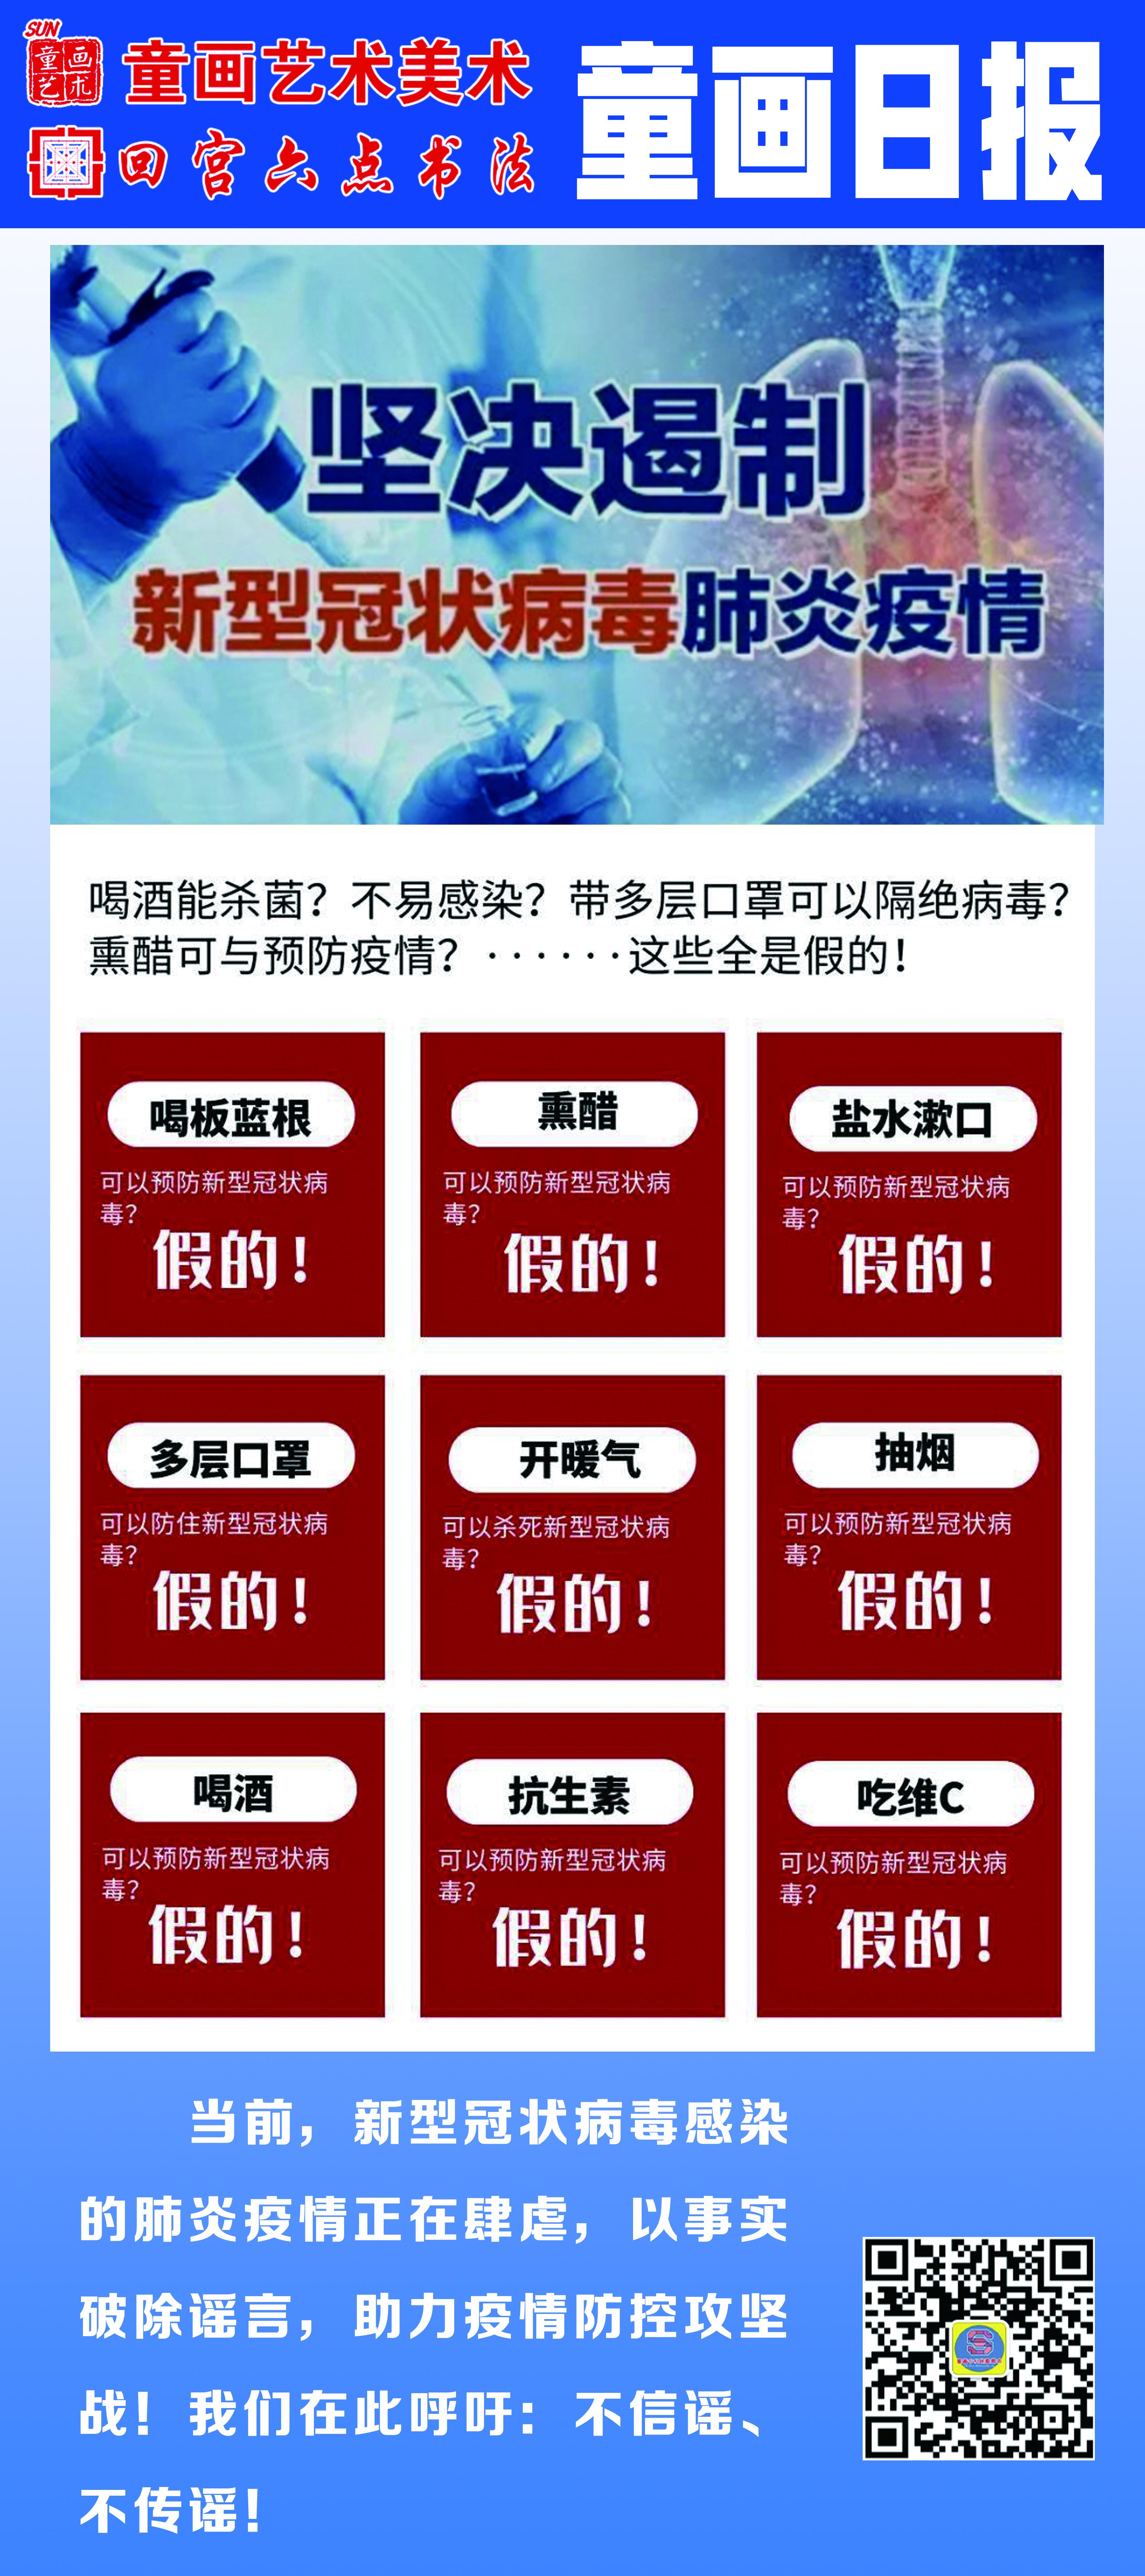 童画艺术美术 - 邓州门户网|邓州网 - 日报1.jpg